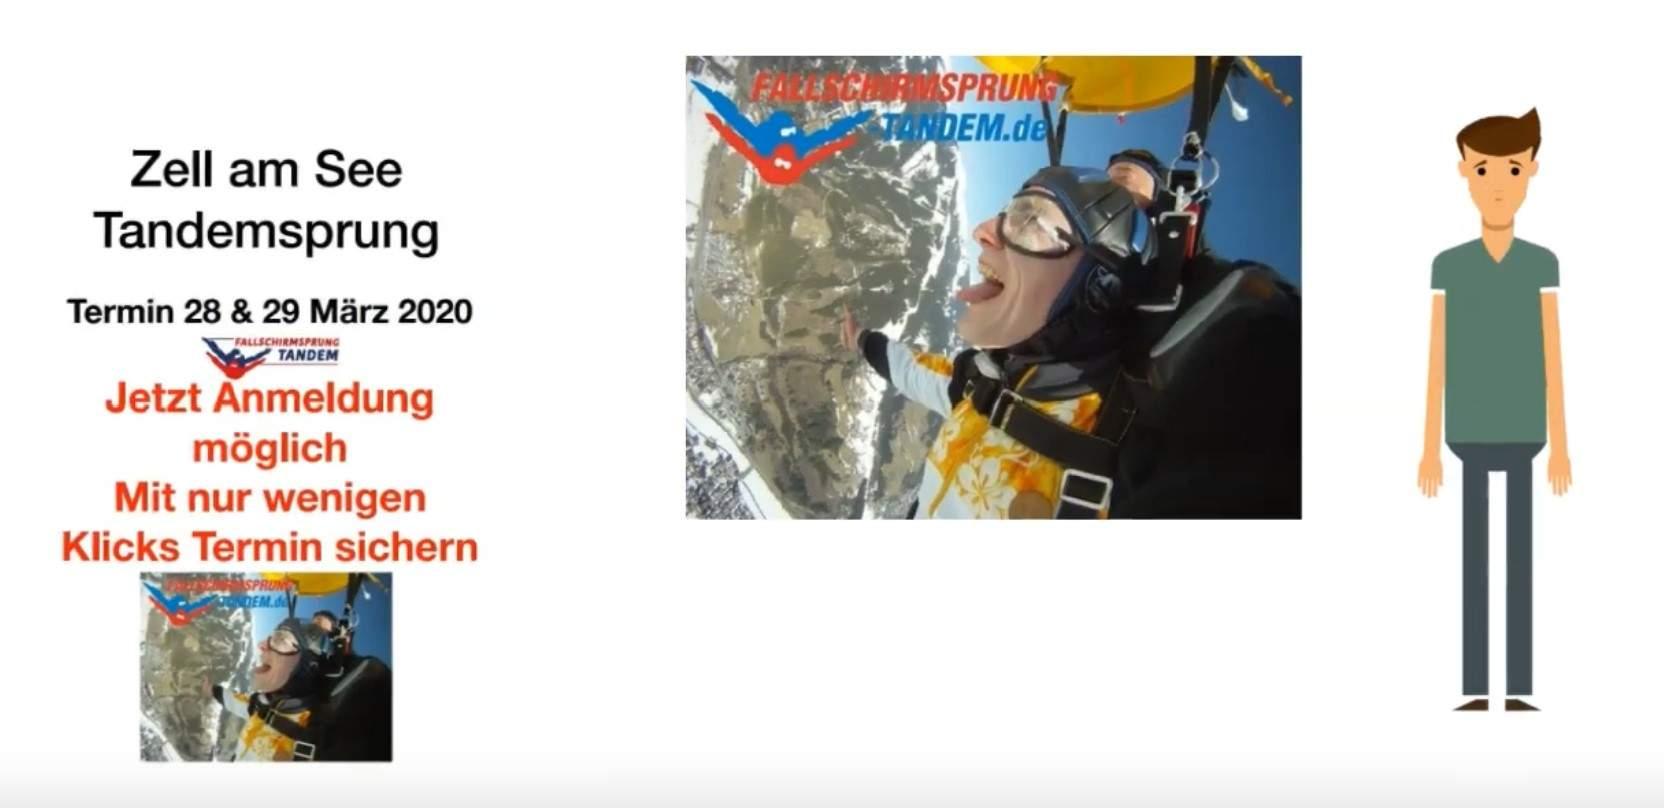 Zell am See Tandem Fallschirmsprung Termin 2020